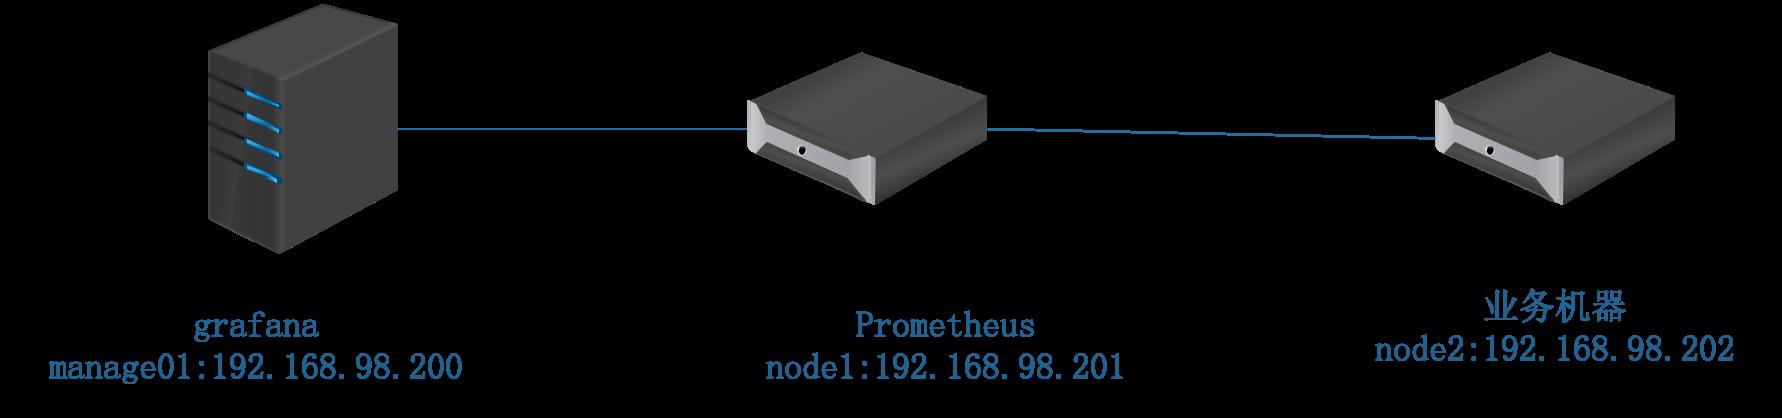 prometheus实验图.png